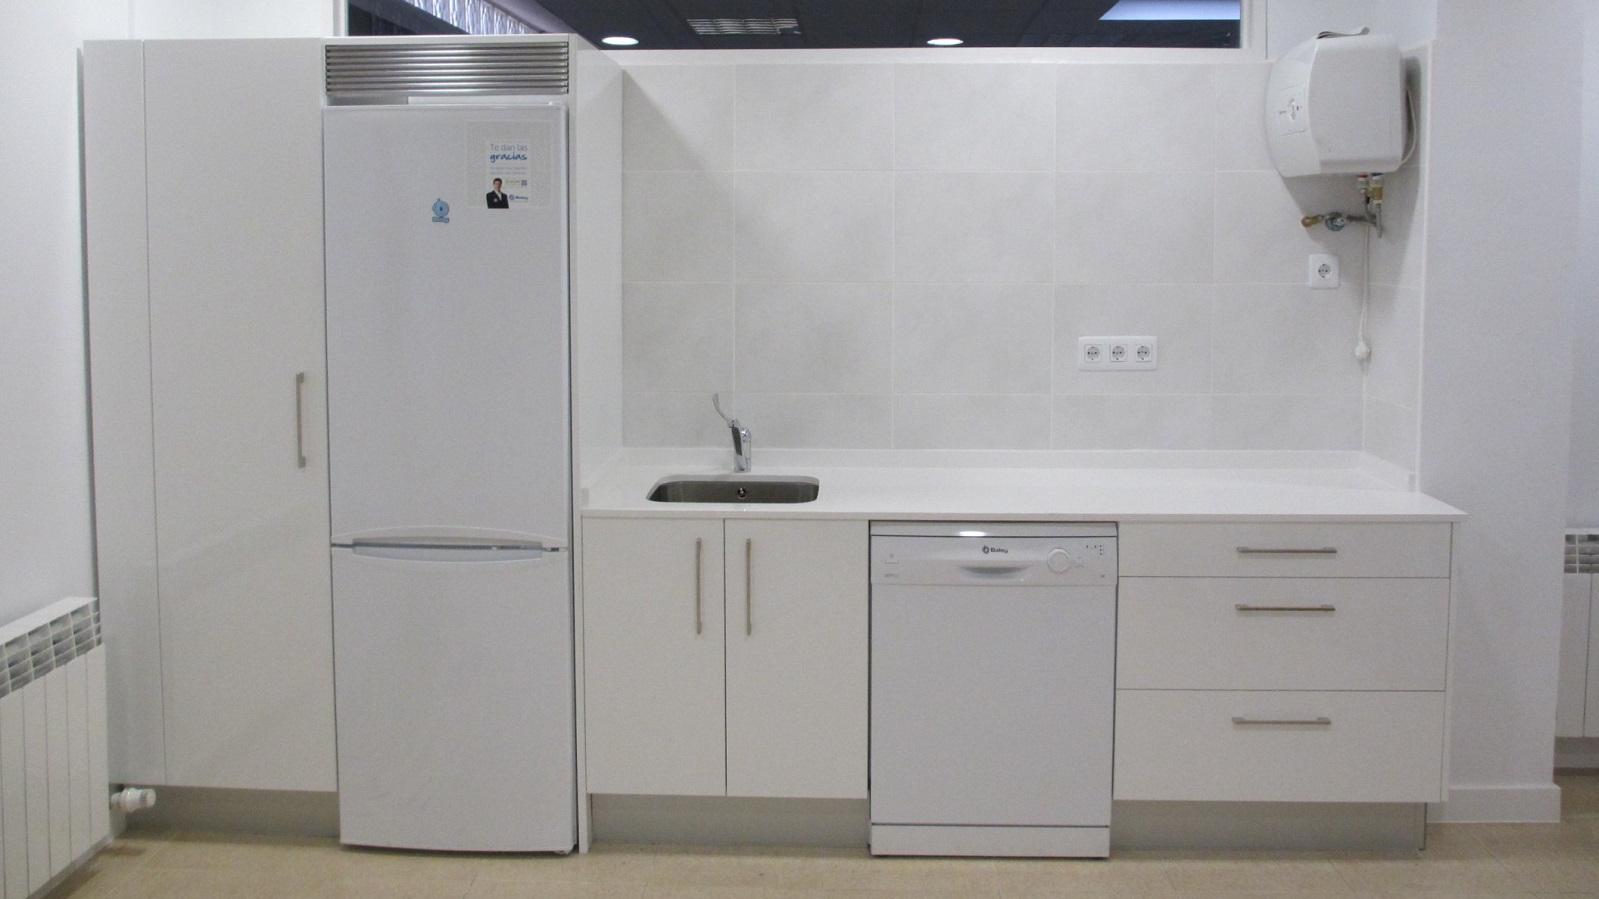 imagen de una cocina de ASVAI, en la que se pueden ver varios electrodomésticos